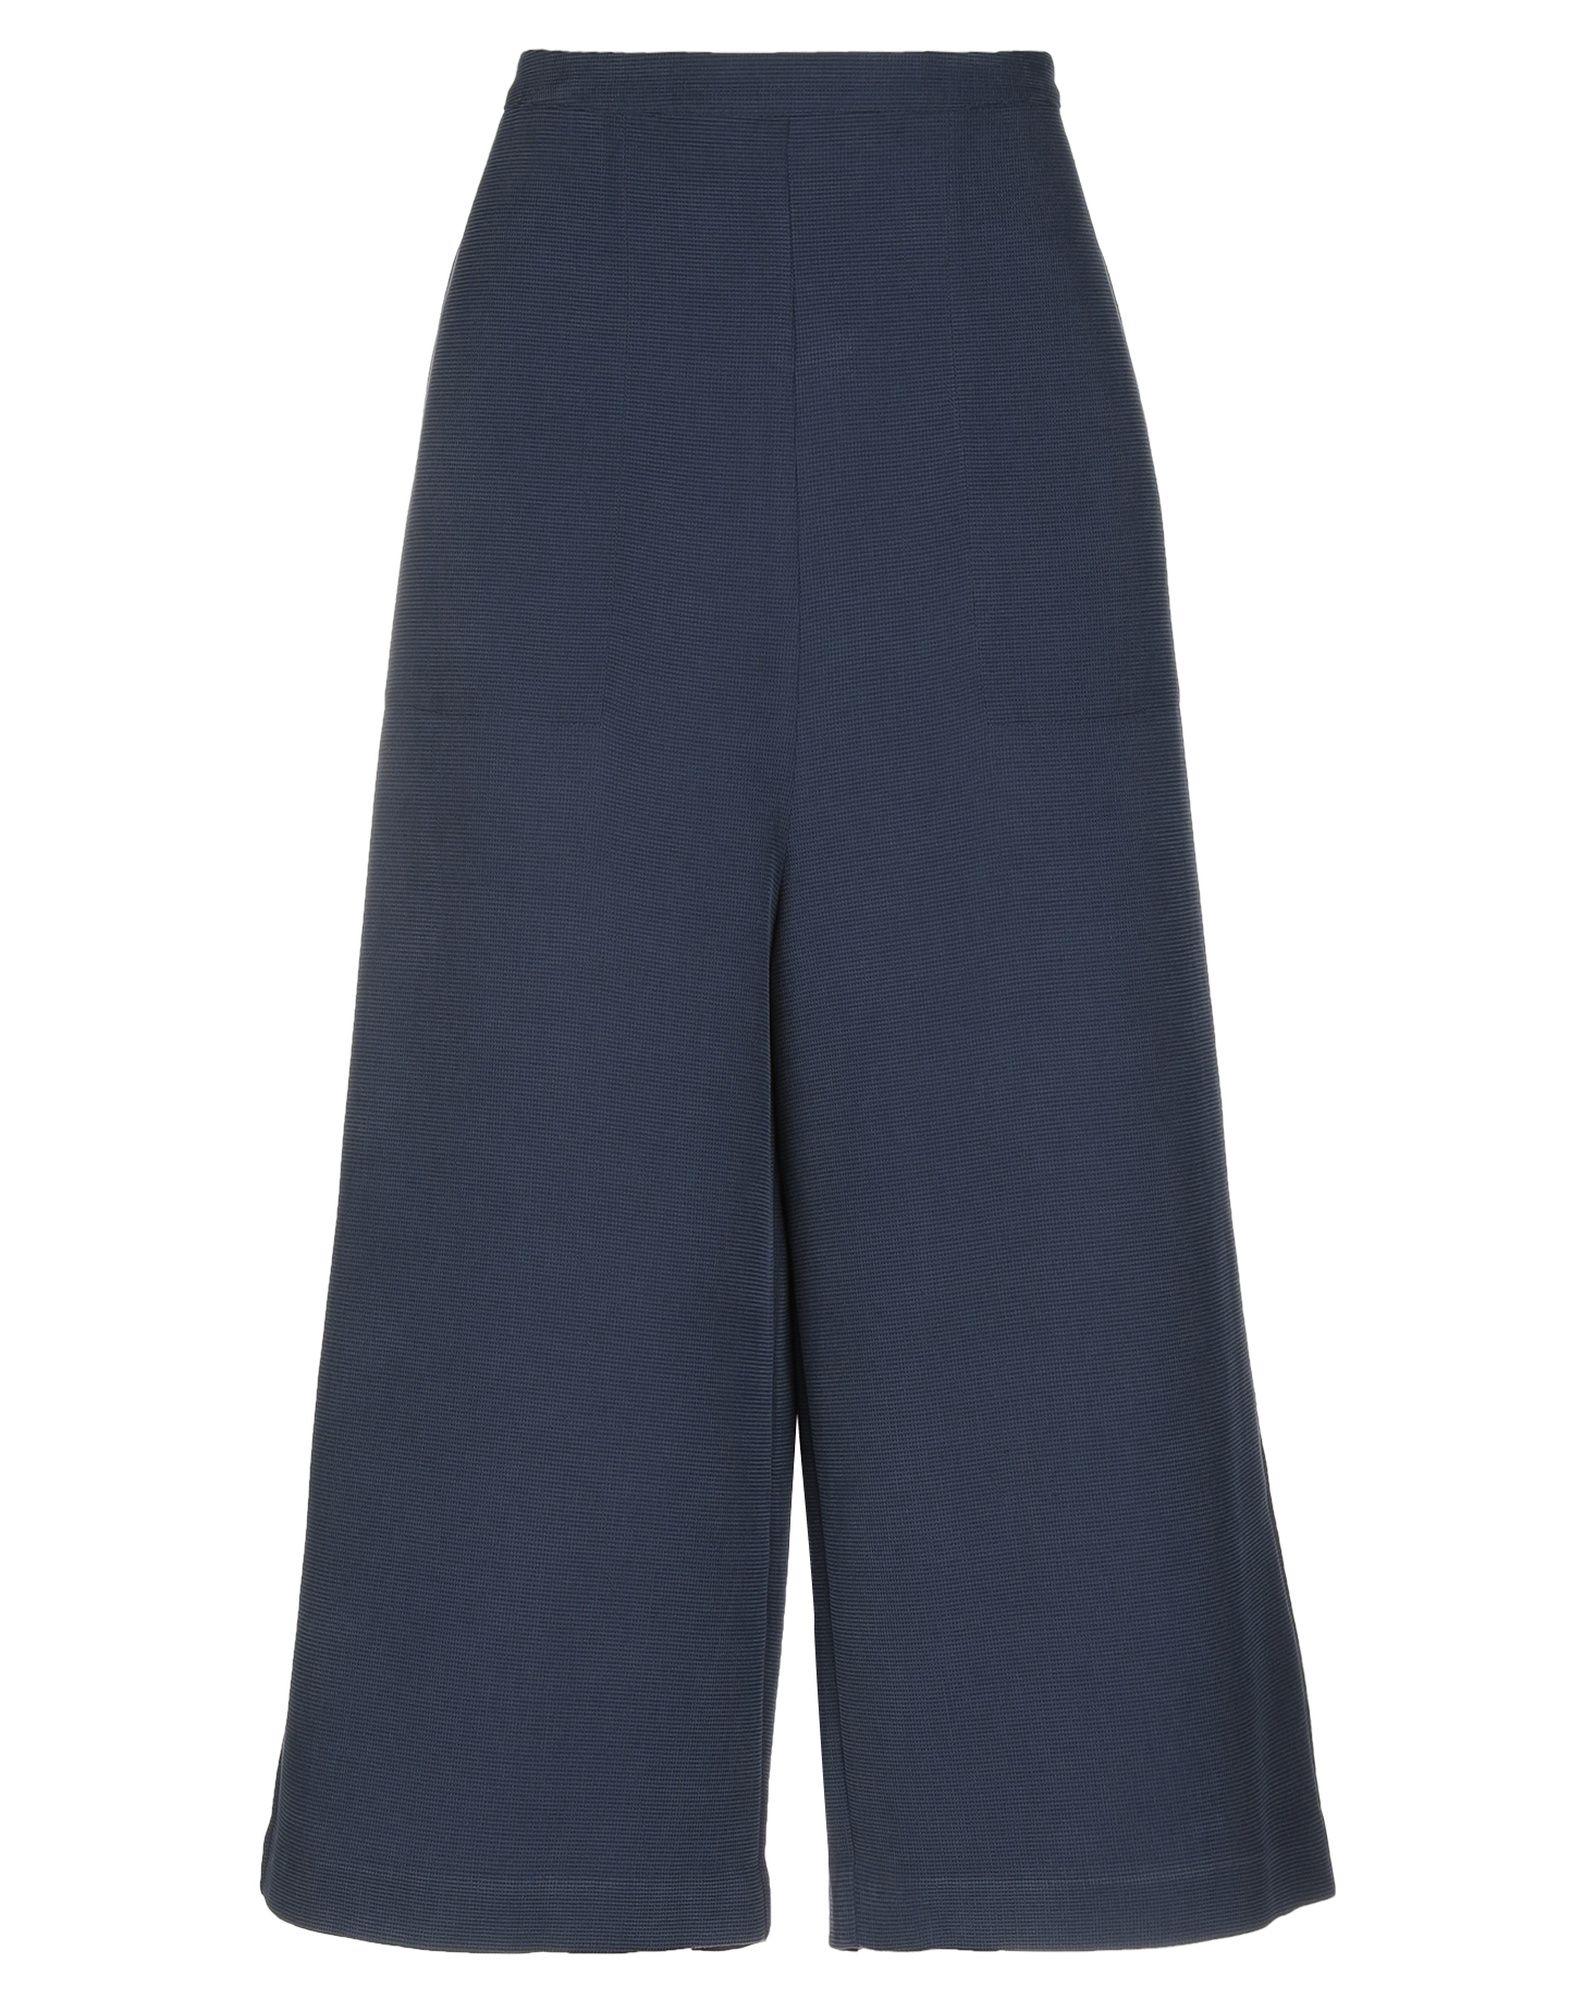 ARMANI JEANS Брюки-капри armani jeans men s dark blue regular fit low waist jeans